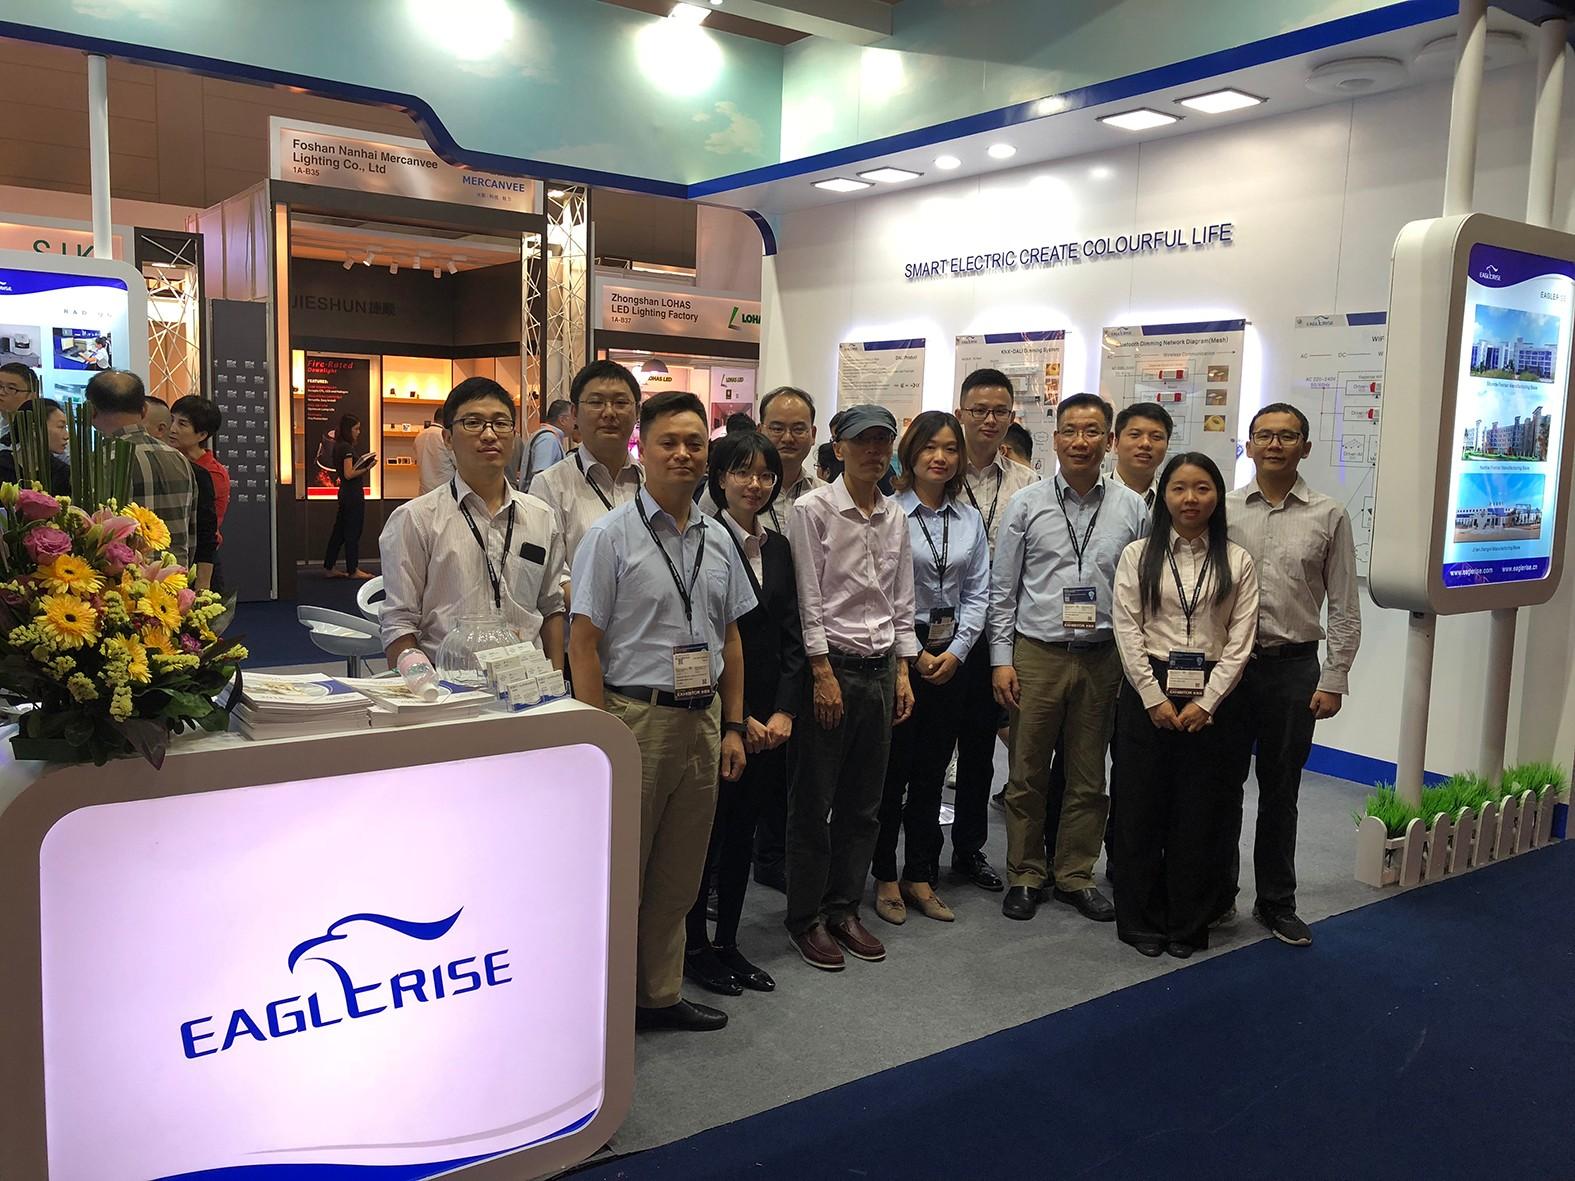 Eaglerise приняла участие в Гонконгской ярмарке освещения 2018 года (осень), представив интеллектуальные светодиодные драйверы.